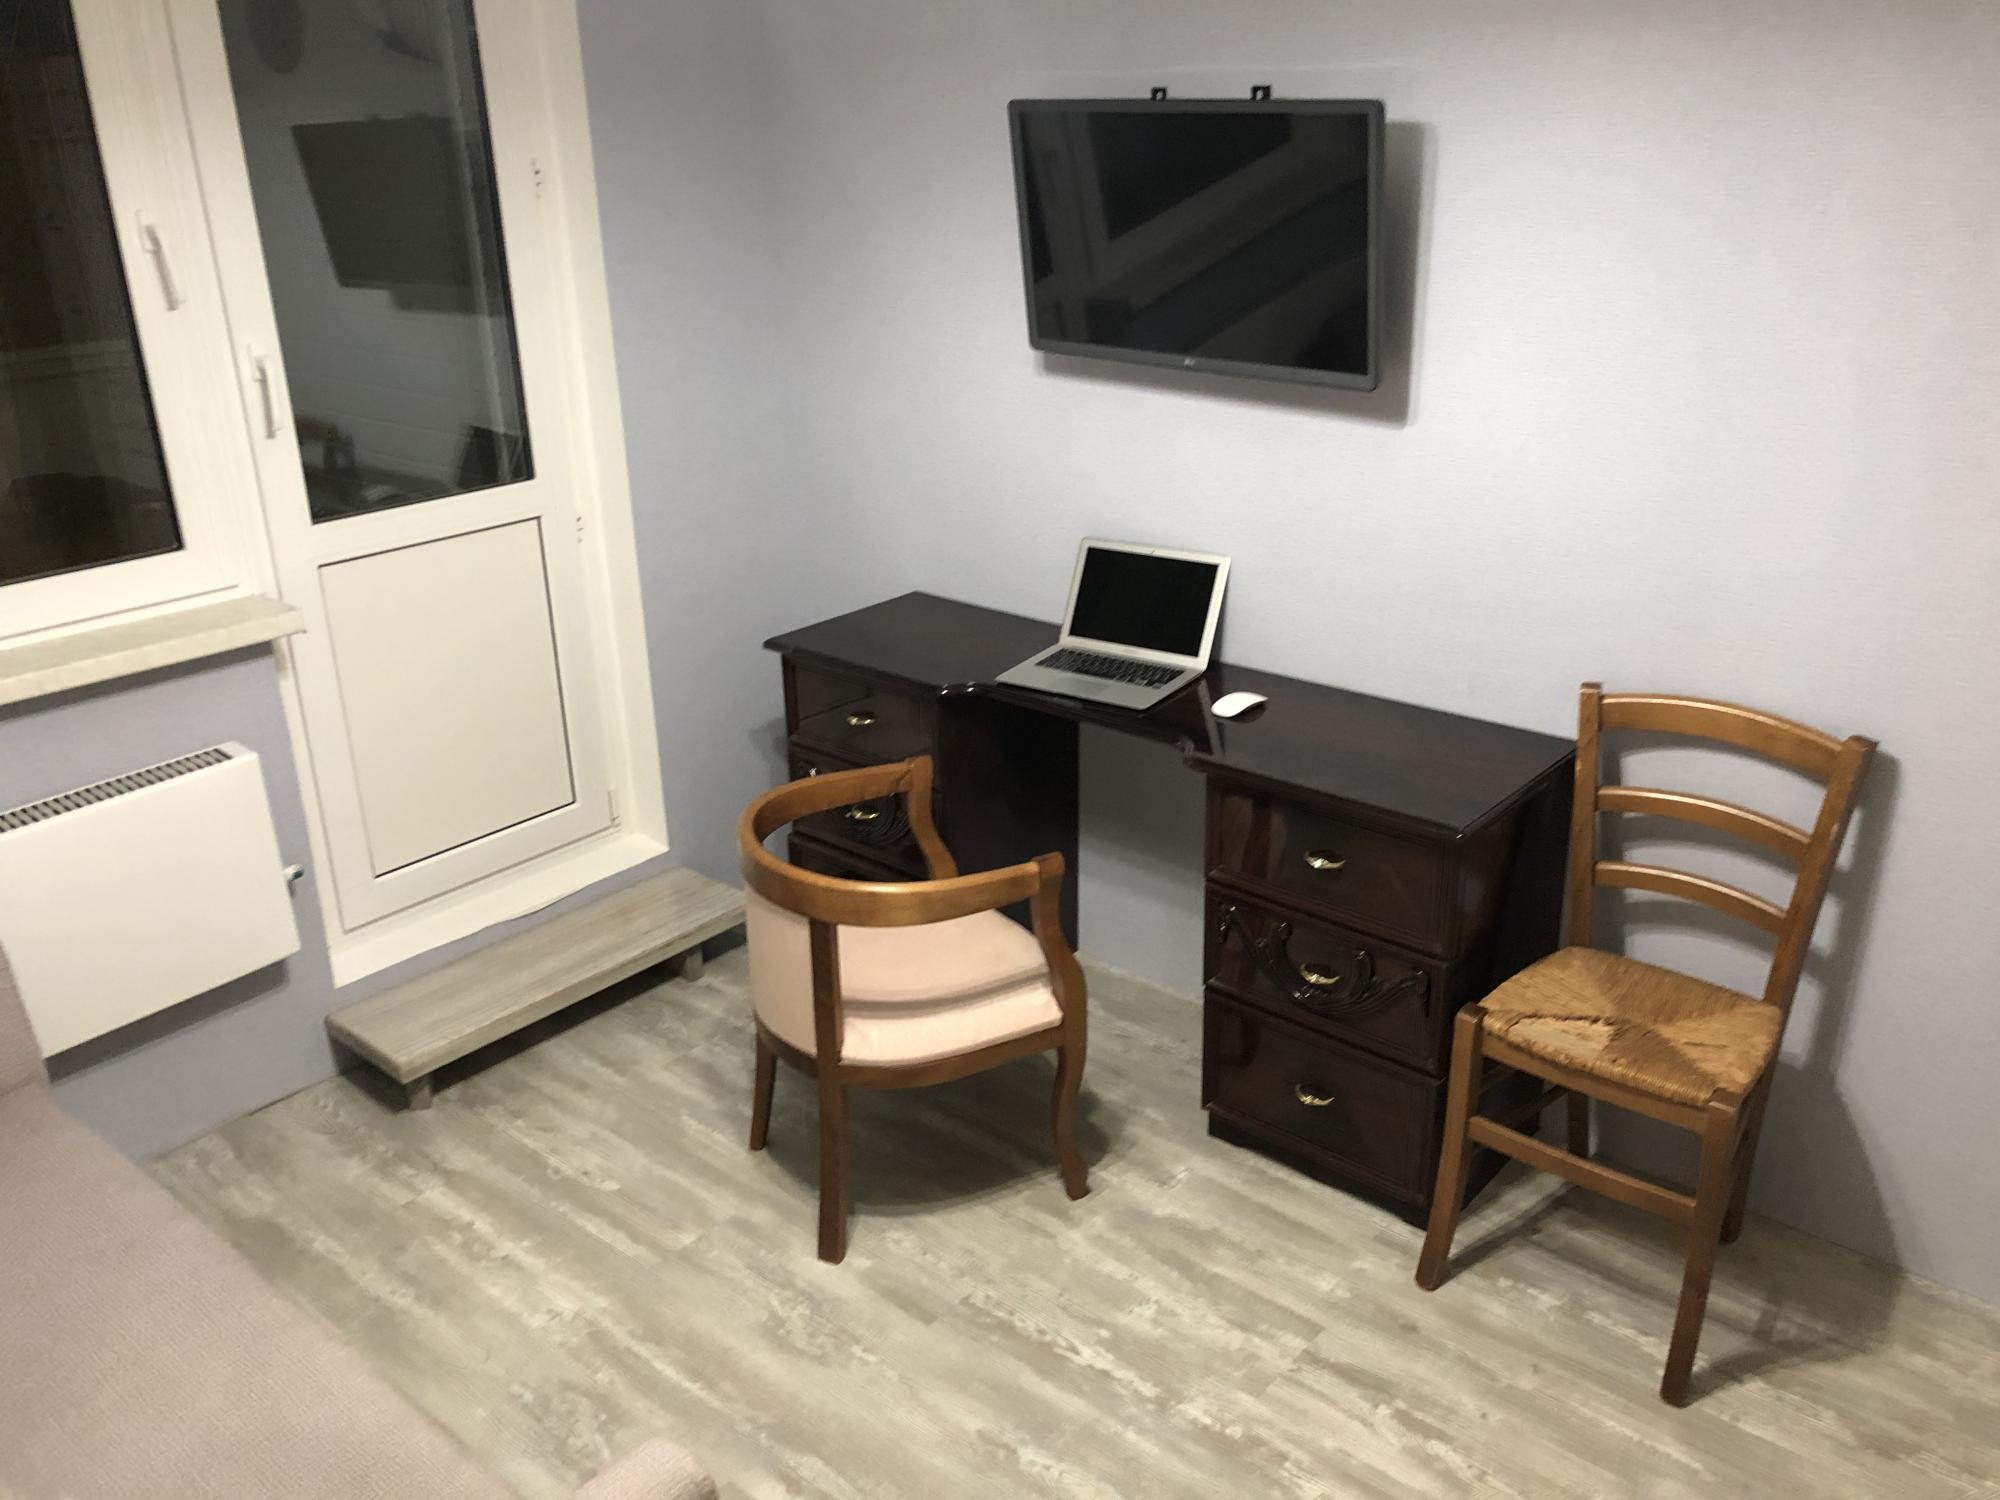 Квартира, 3 комнаты, 84 м² в Троицке 89671215191 купить 7